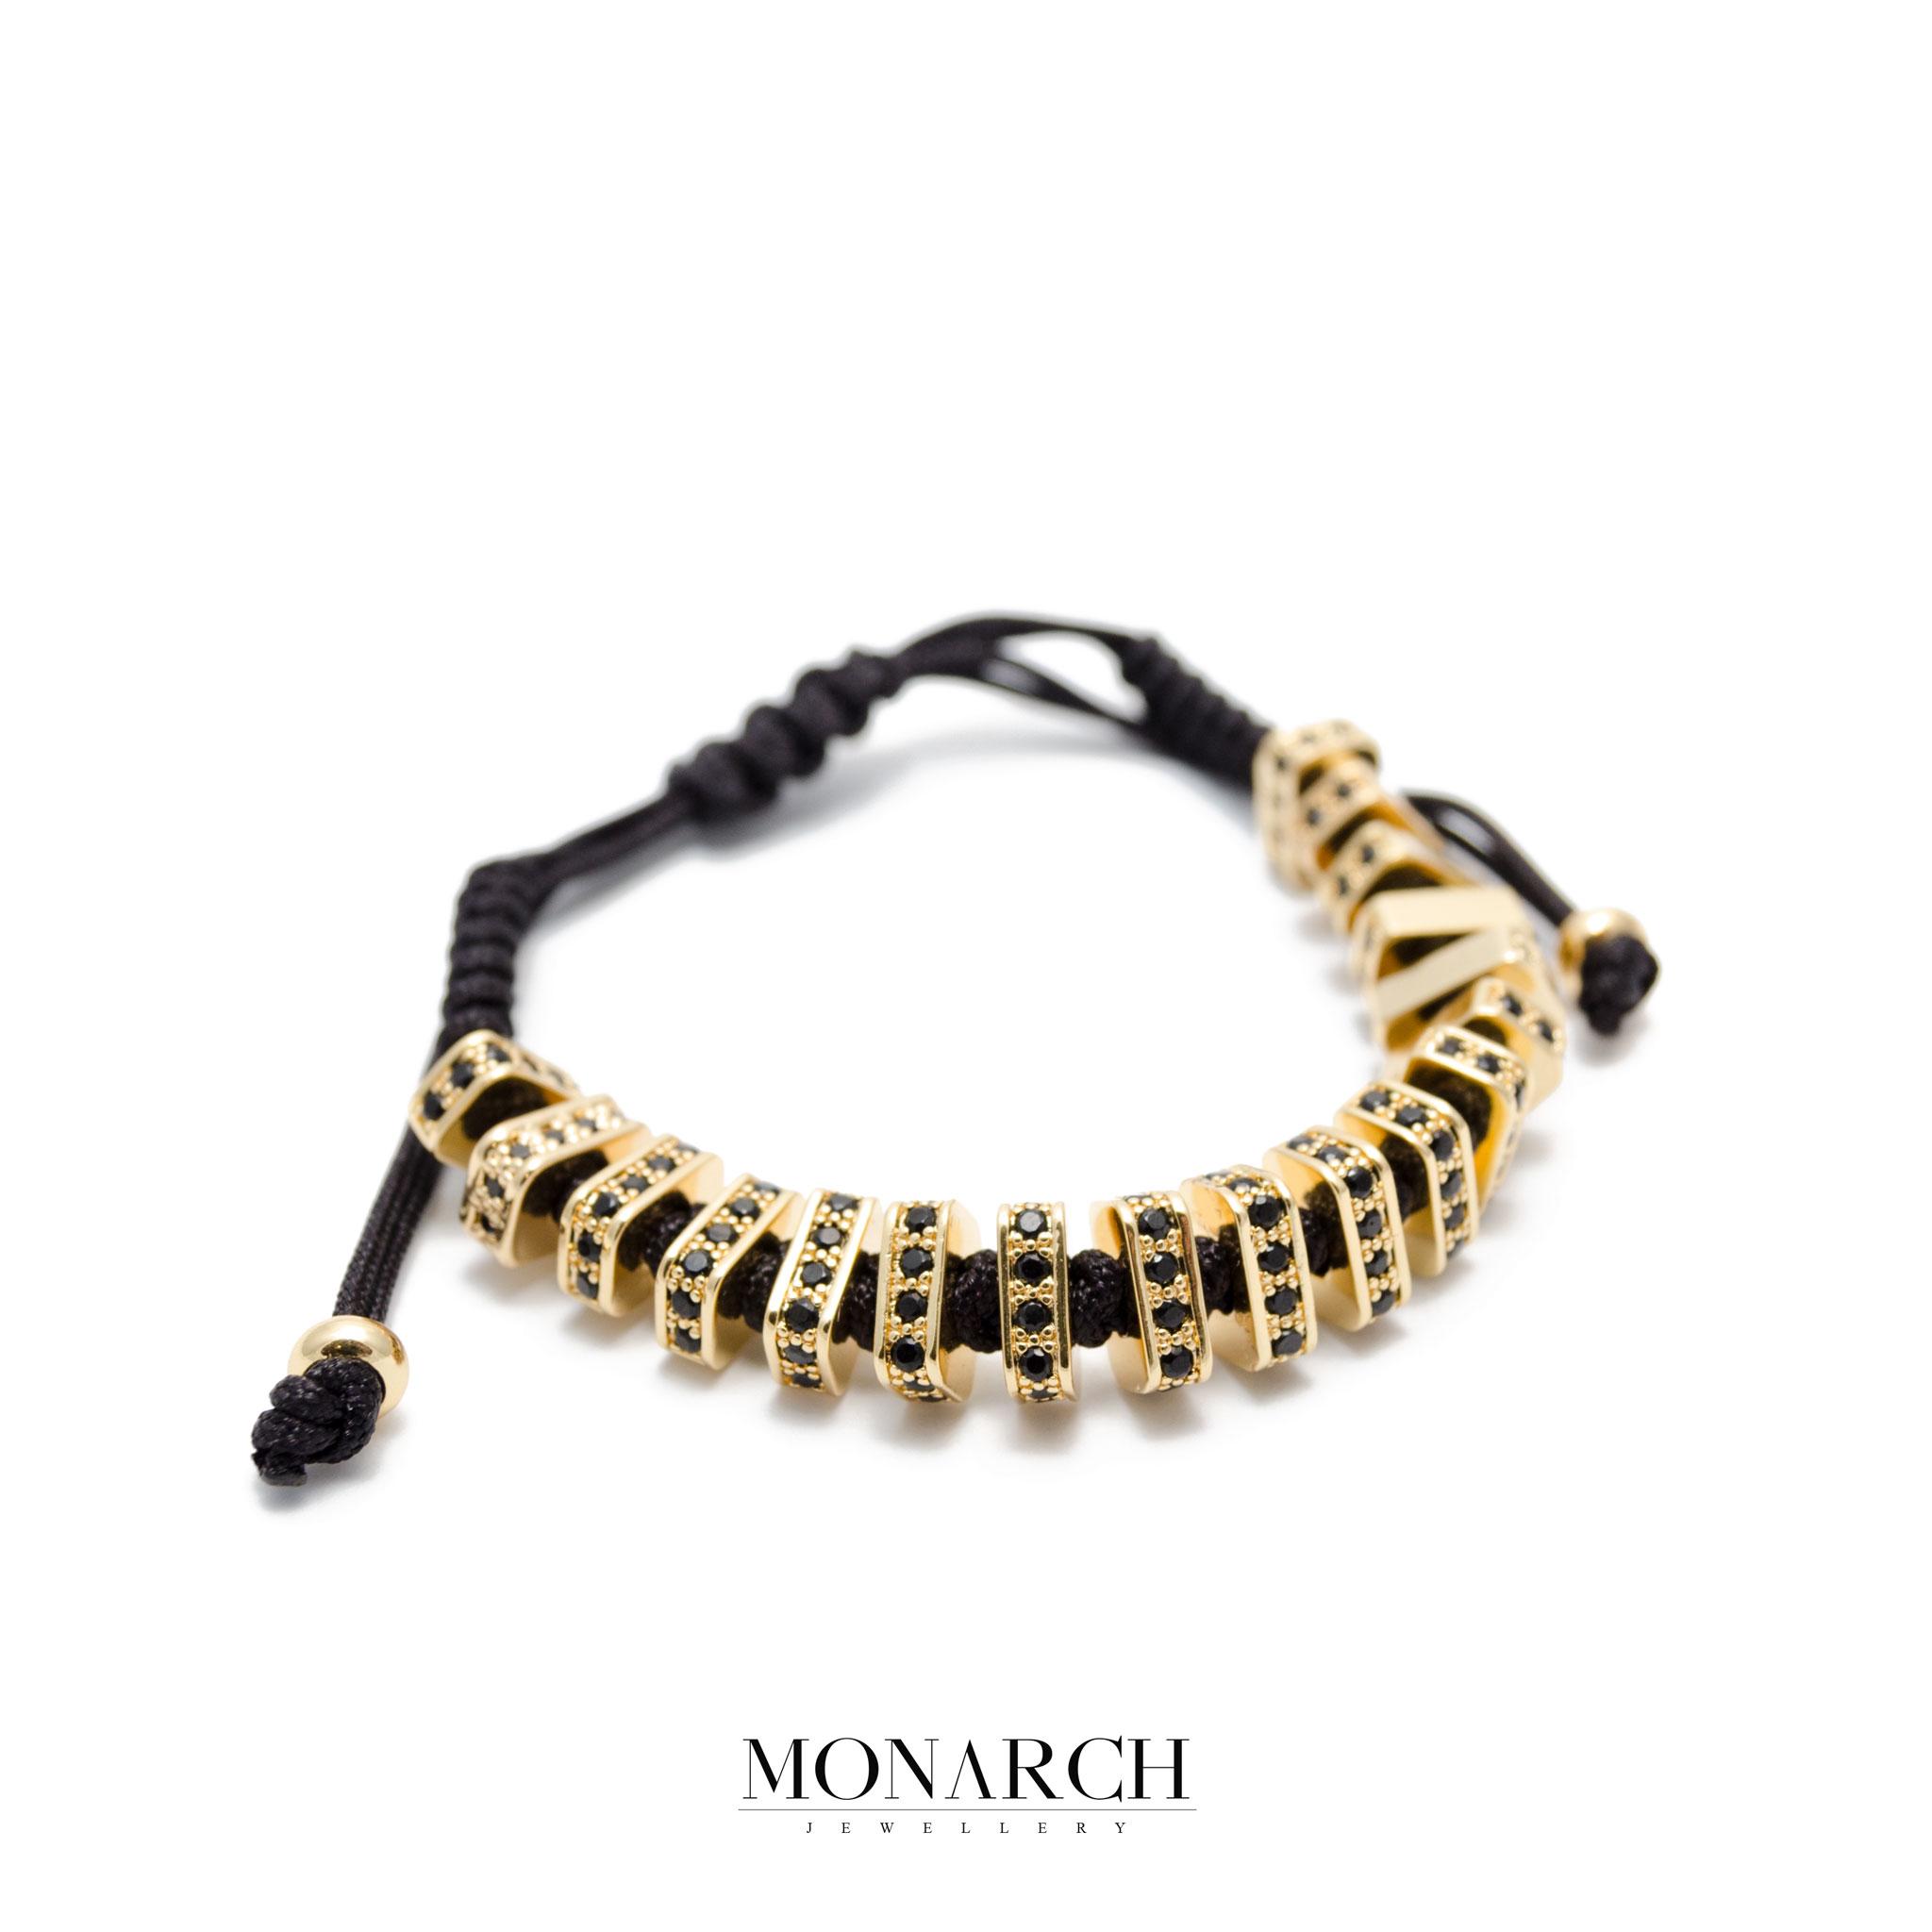 Monarch Jewellery Black&Gold Zircon Luxury Macrame Bracelet